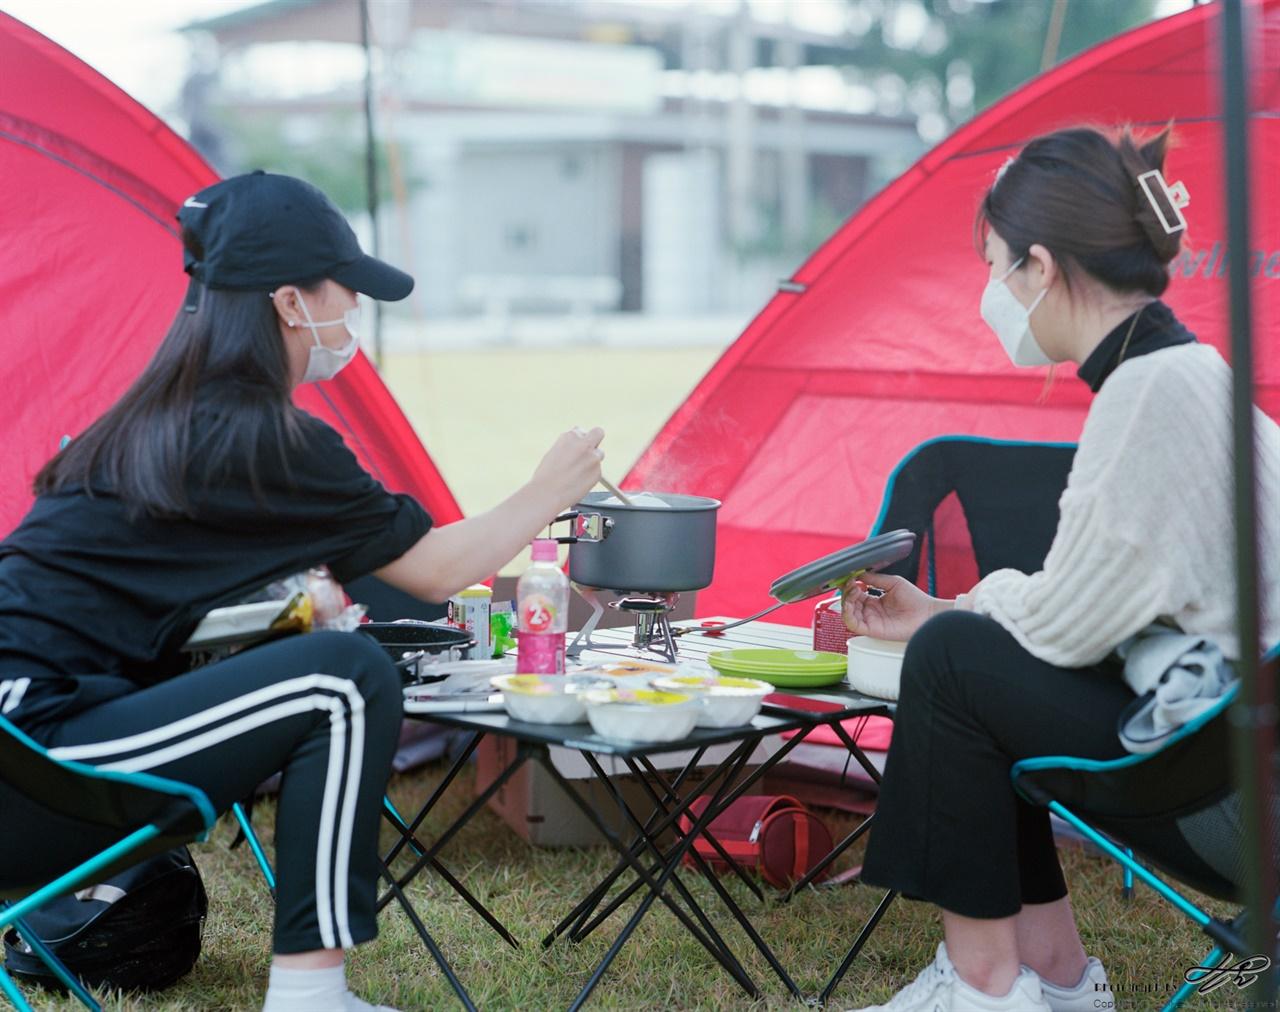 요리 중 (67ii/Portra160)하트 모양으로 플레이팅을 할 볶음밥을 만들기 위해 즉석밥을 덥히고 있는 학생들